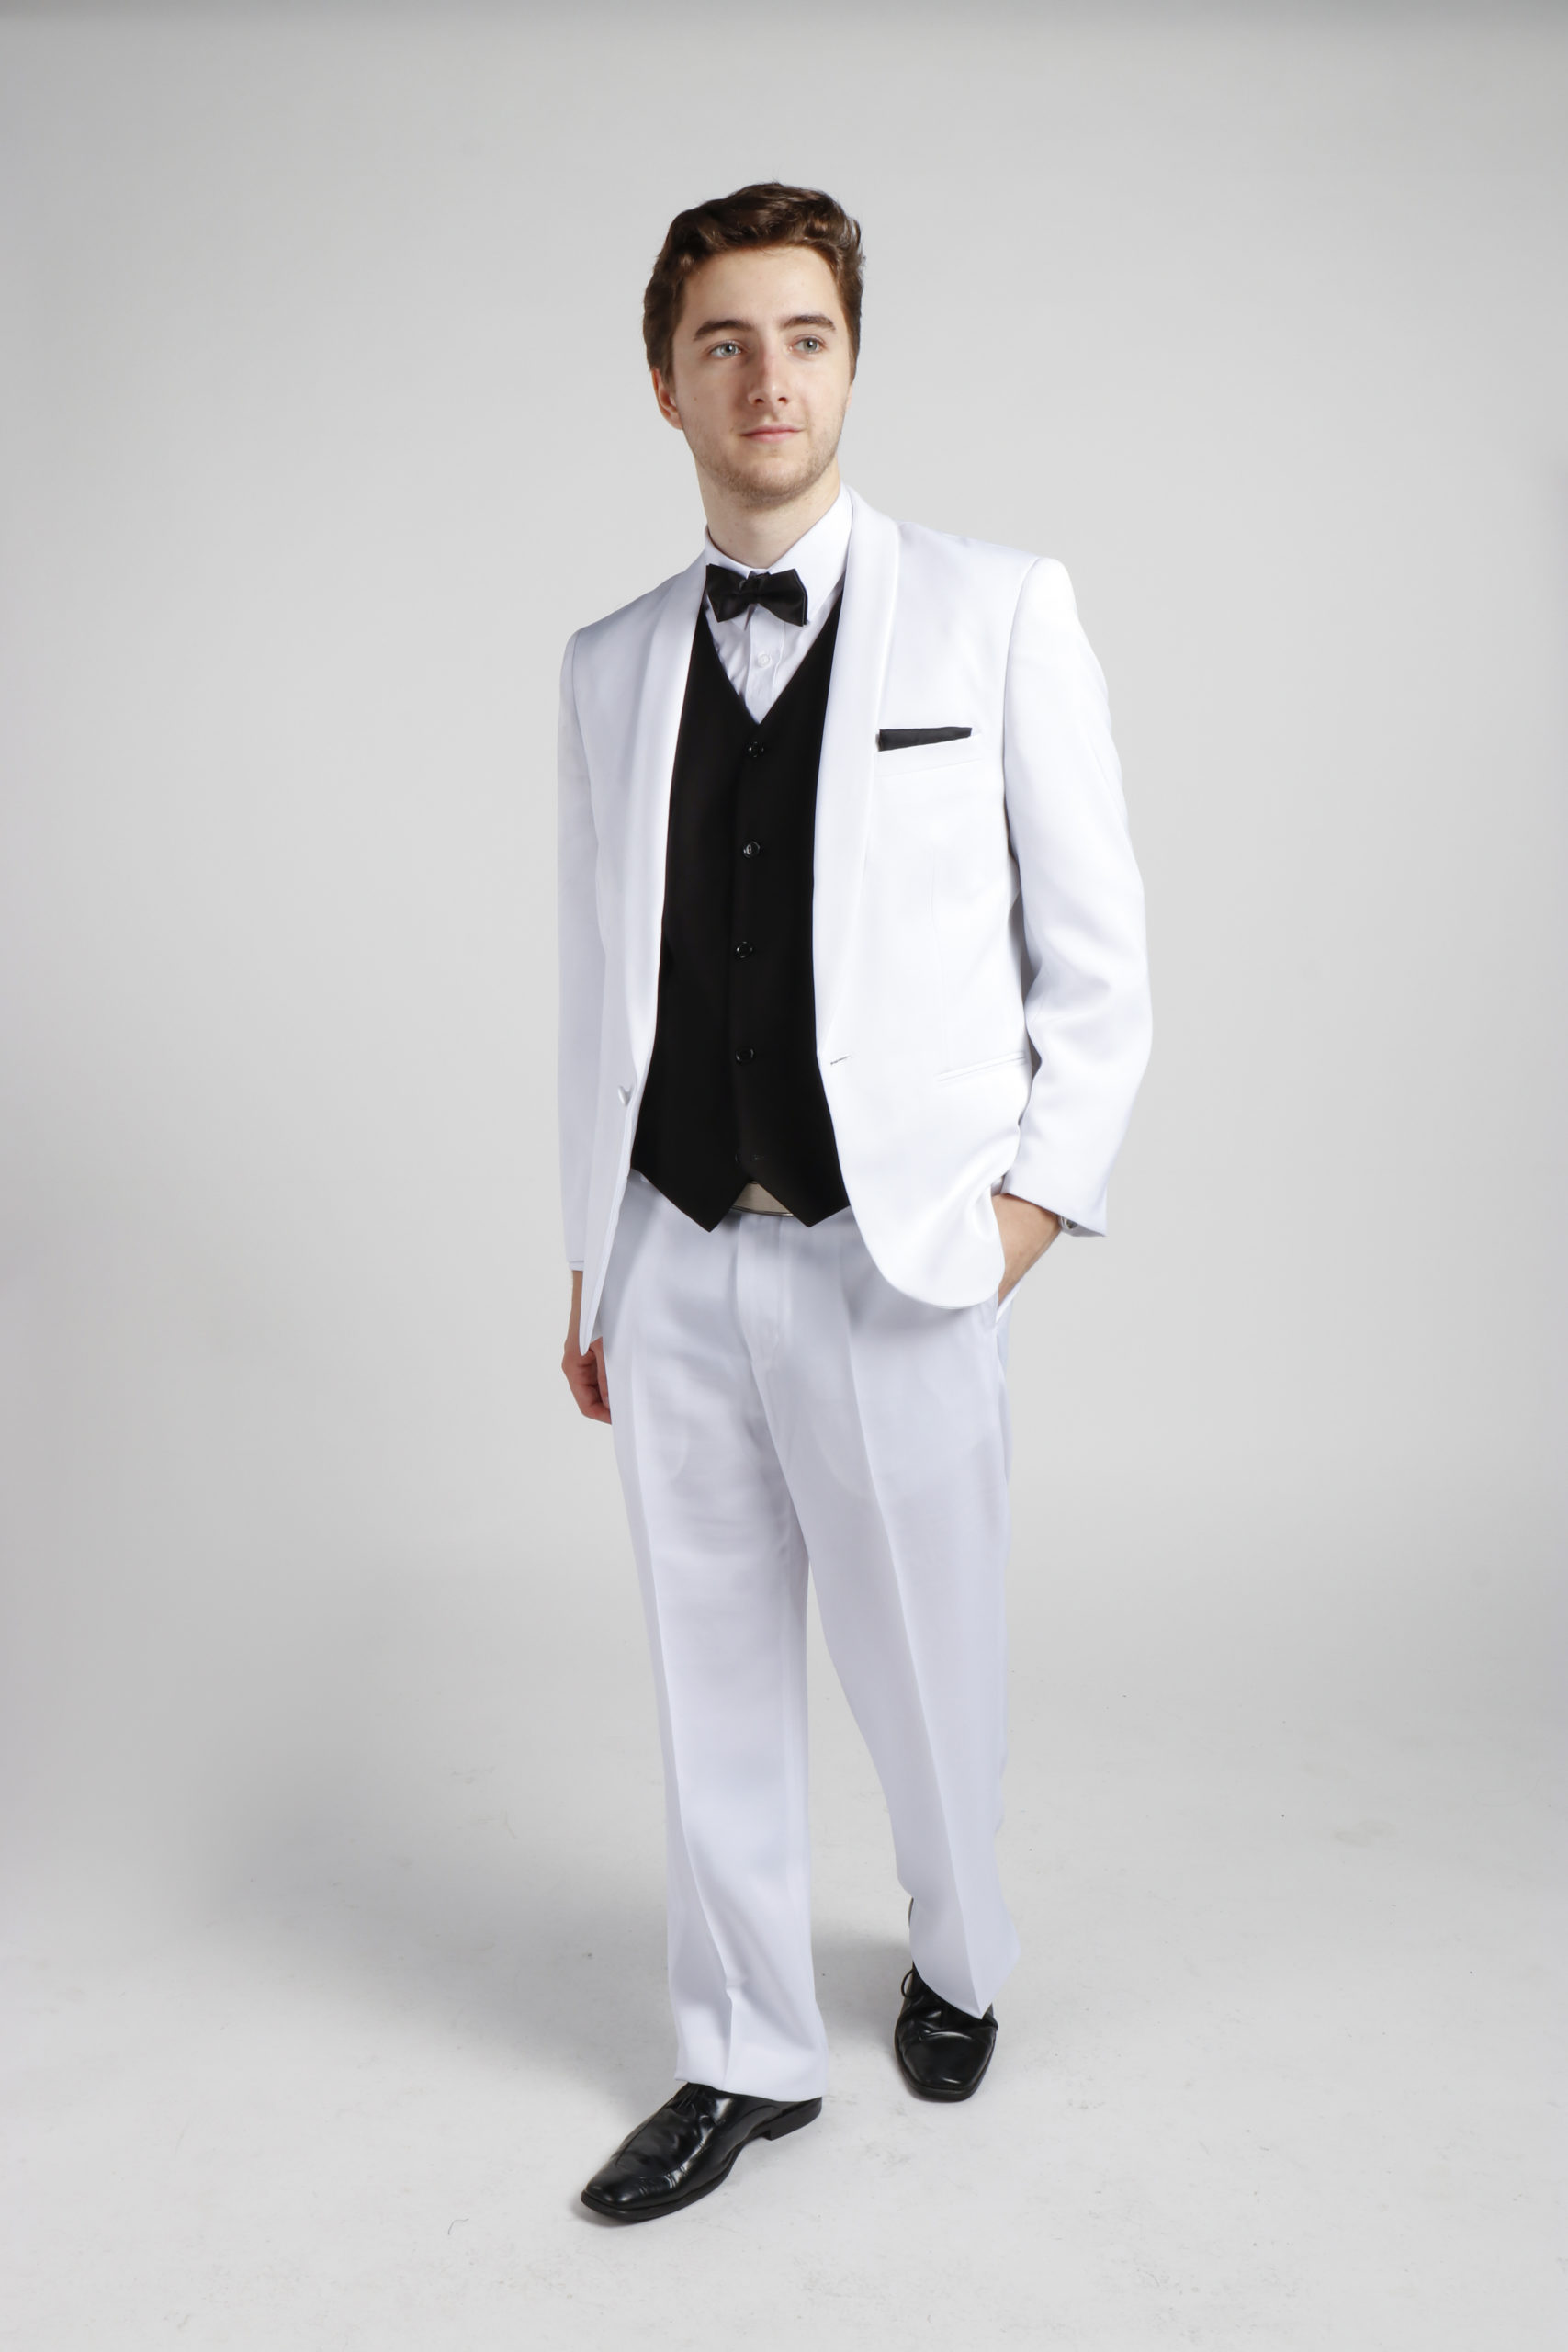 White Suit Hire